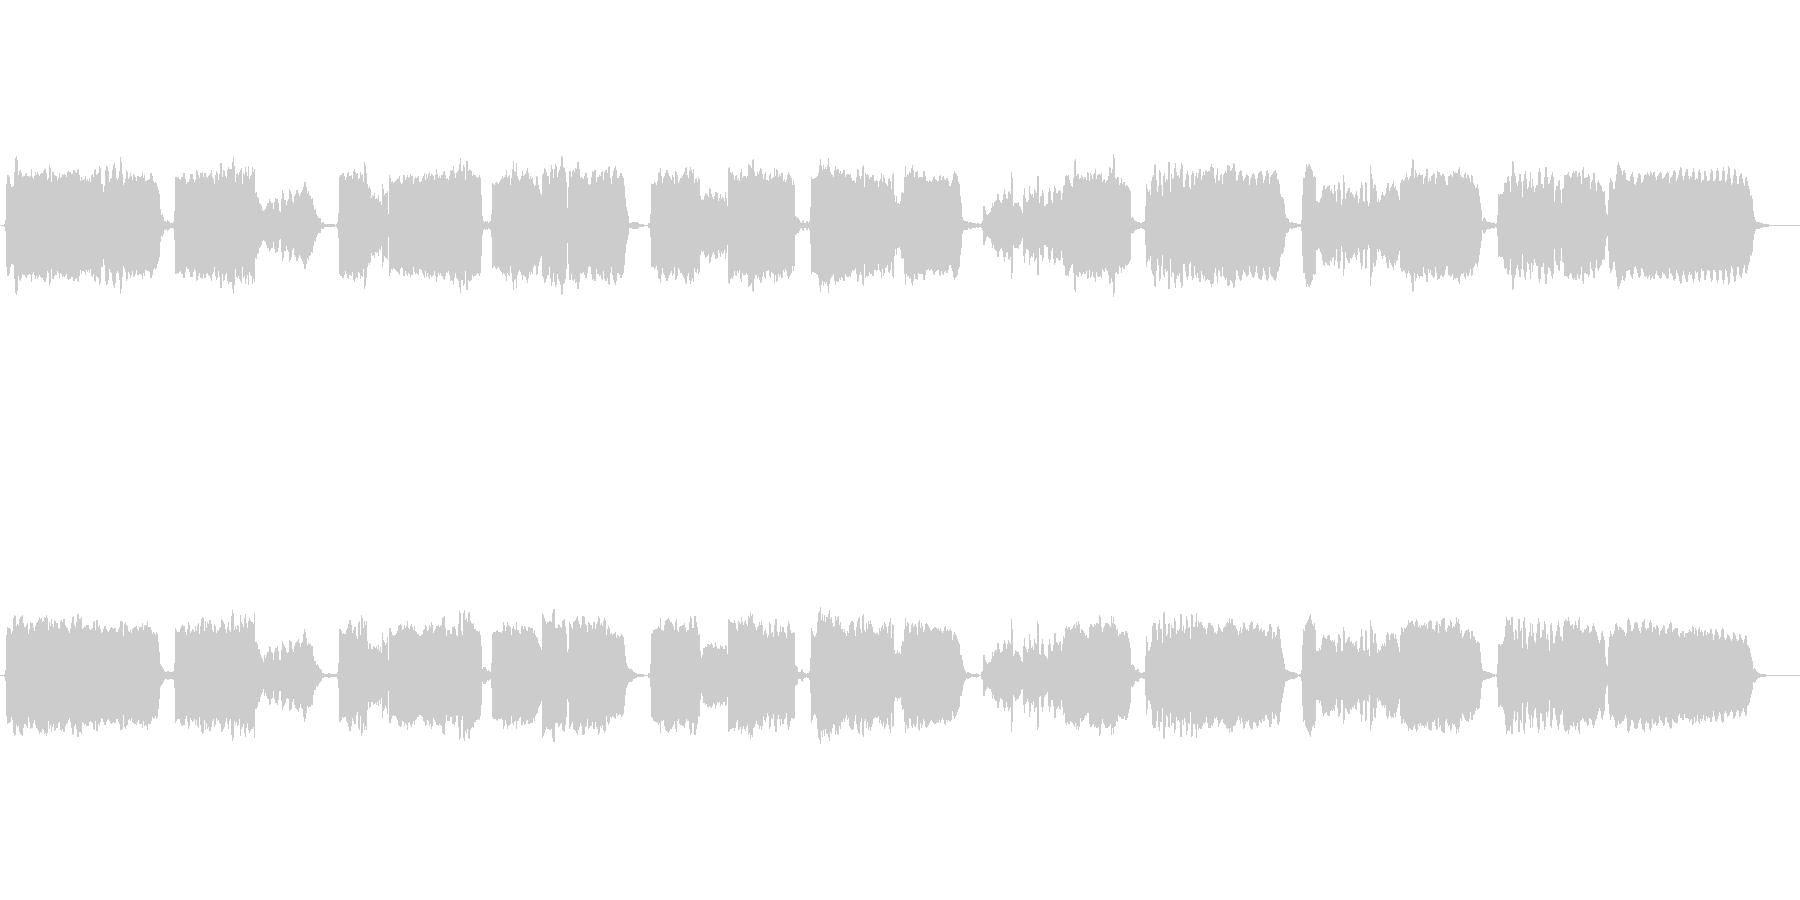 唱歌「ふるさと」の篠笛独奏の未再生の波形